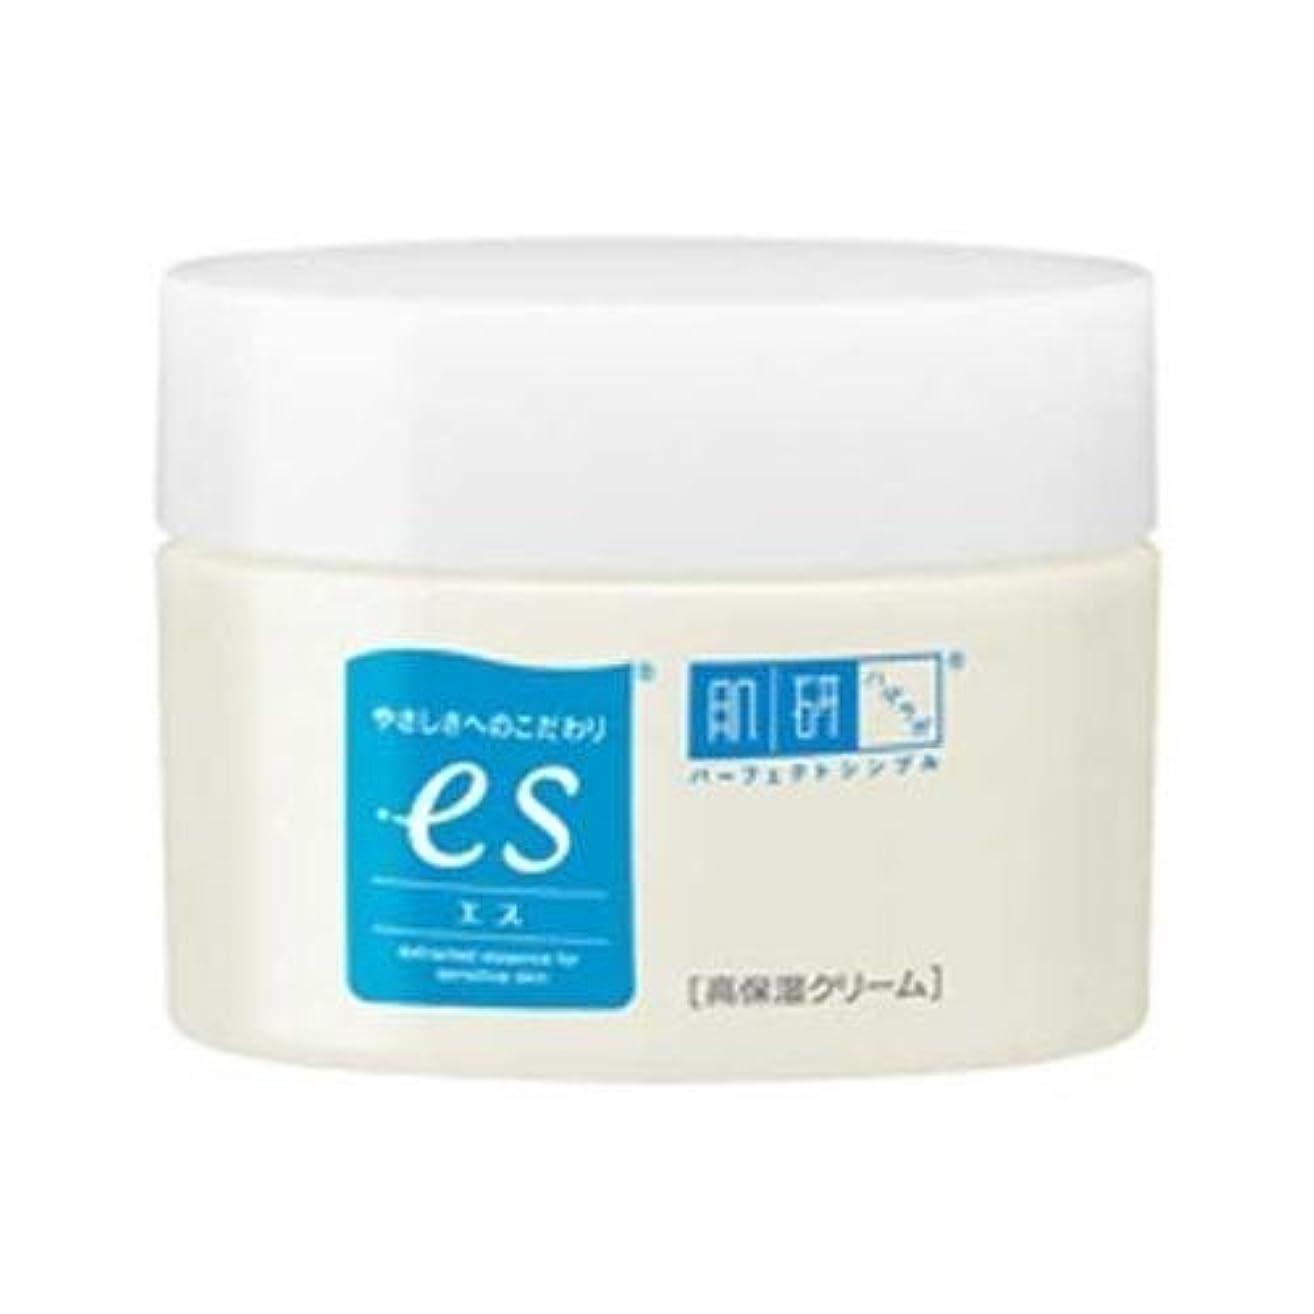 サンプルトロイの木馬お誕生日肌ラボ es(エス) ナノ化ミネラルヒアルロン酸配合 無添加処方 高保湿クリーム 50g